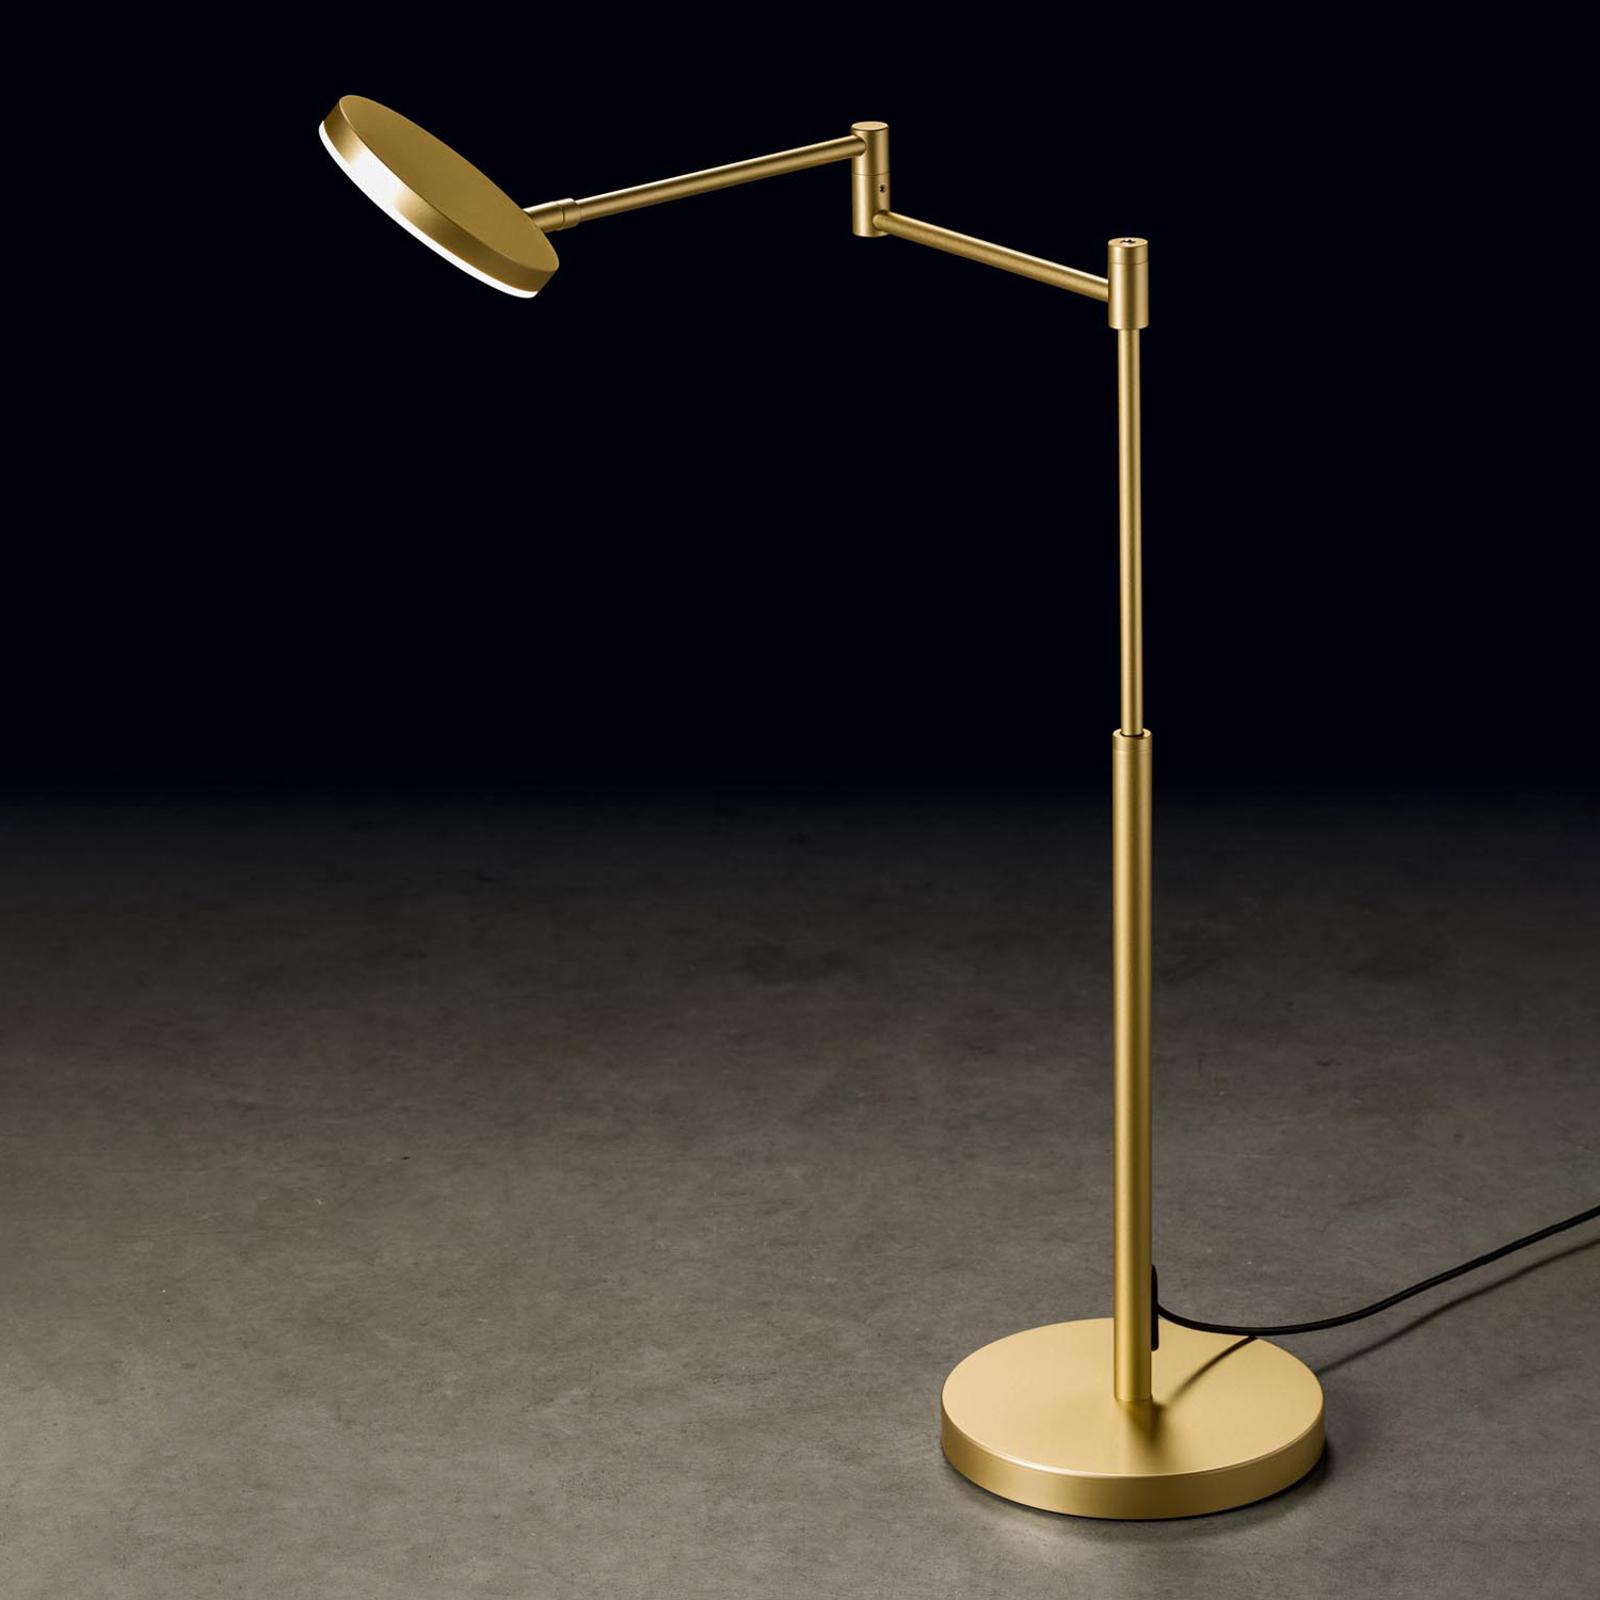 Holtkötter Plano T LED-Tischlampe messing eloxiert